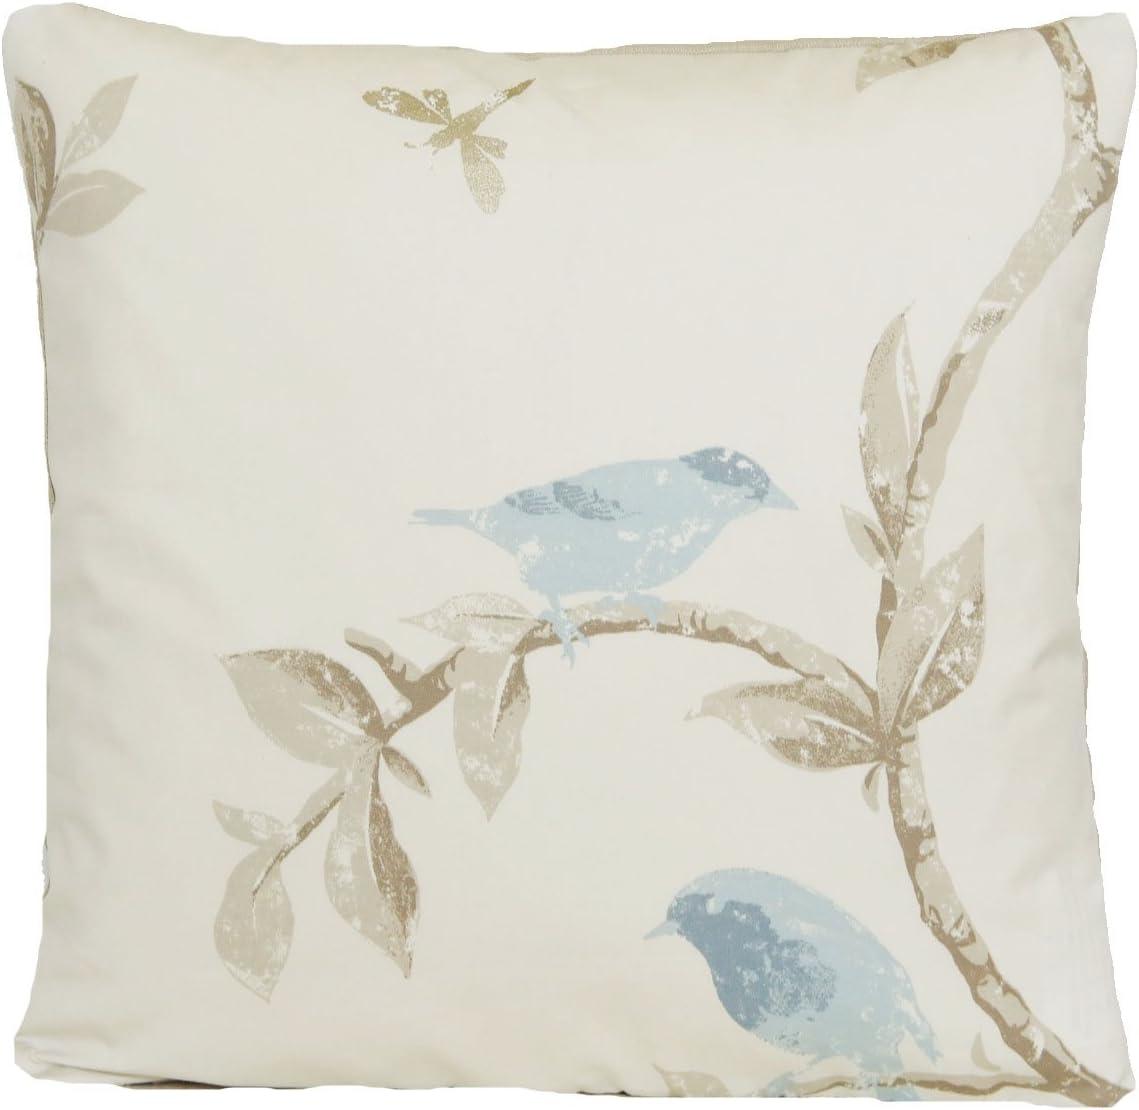 Nina Campbell Blue Birds Decor Pillow Case Cream Cushion Cover Fabric Bird Cage Walk